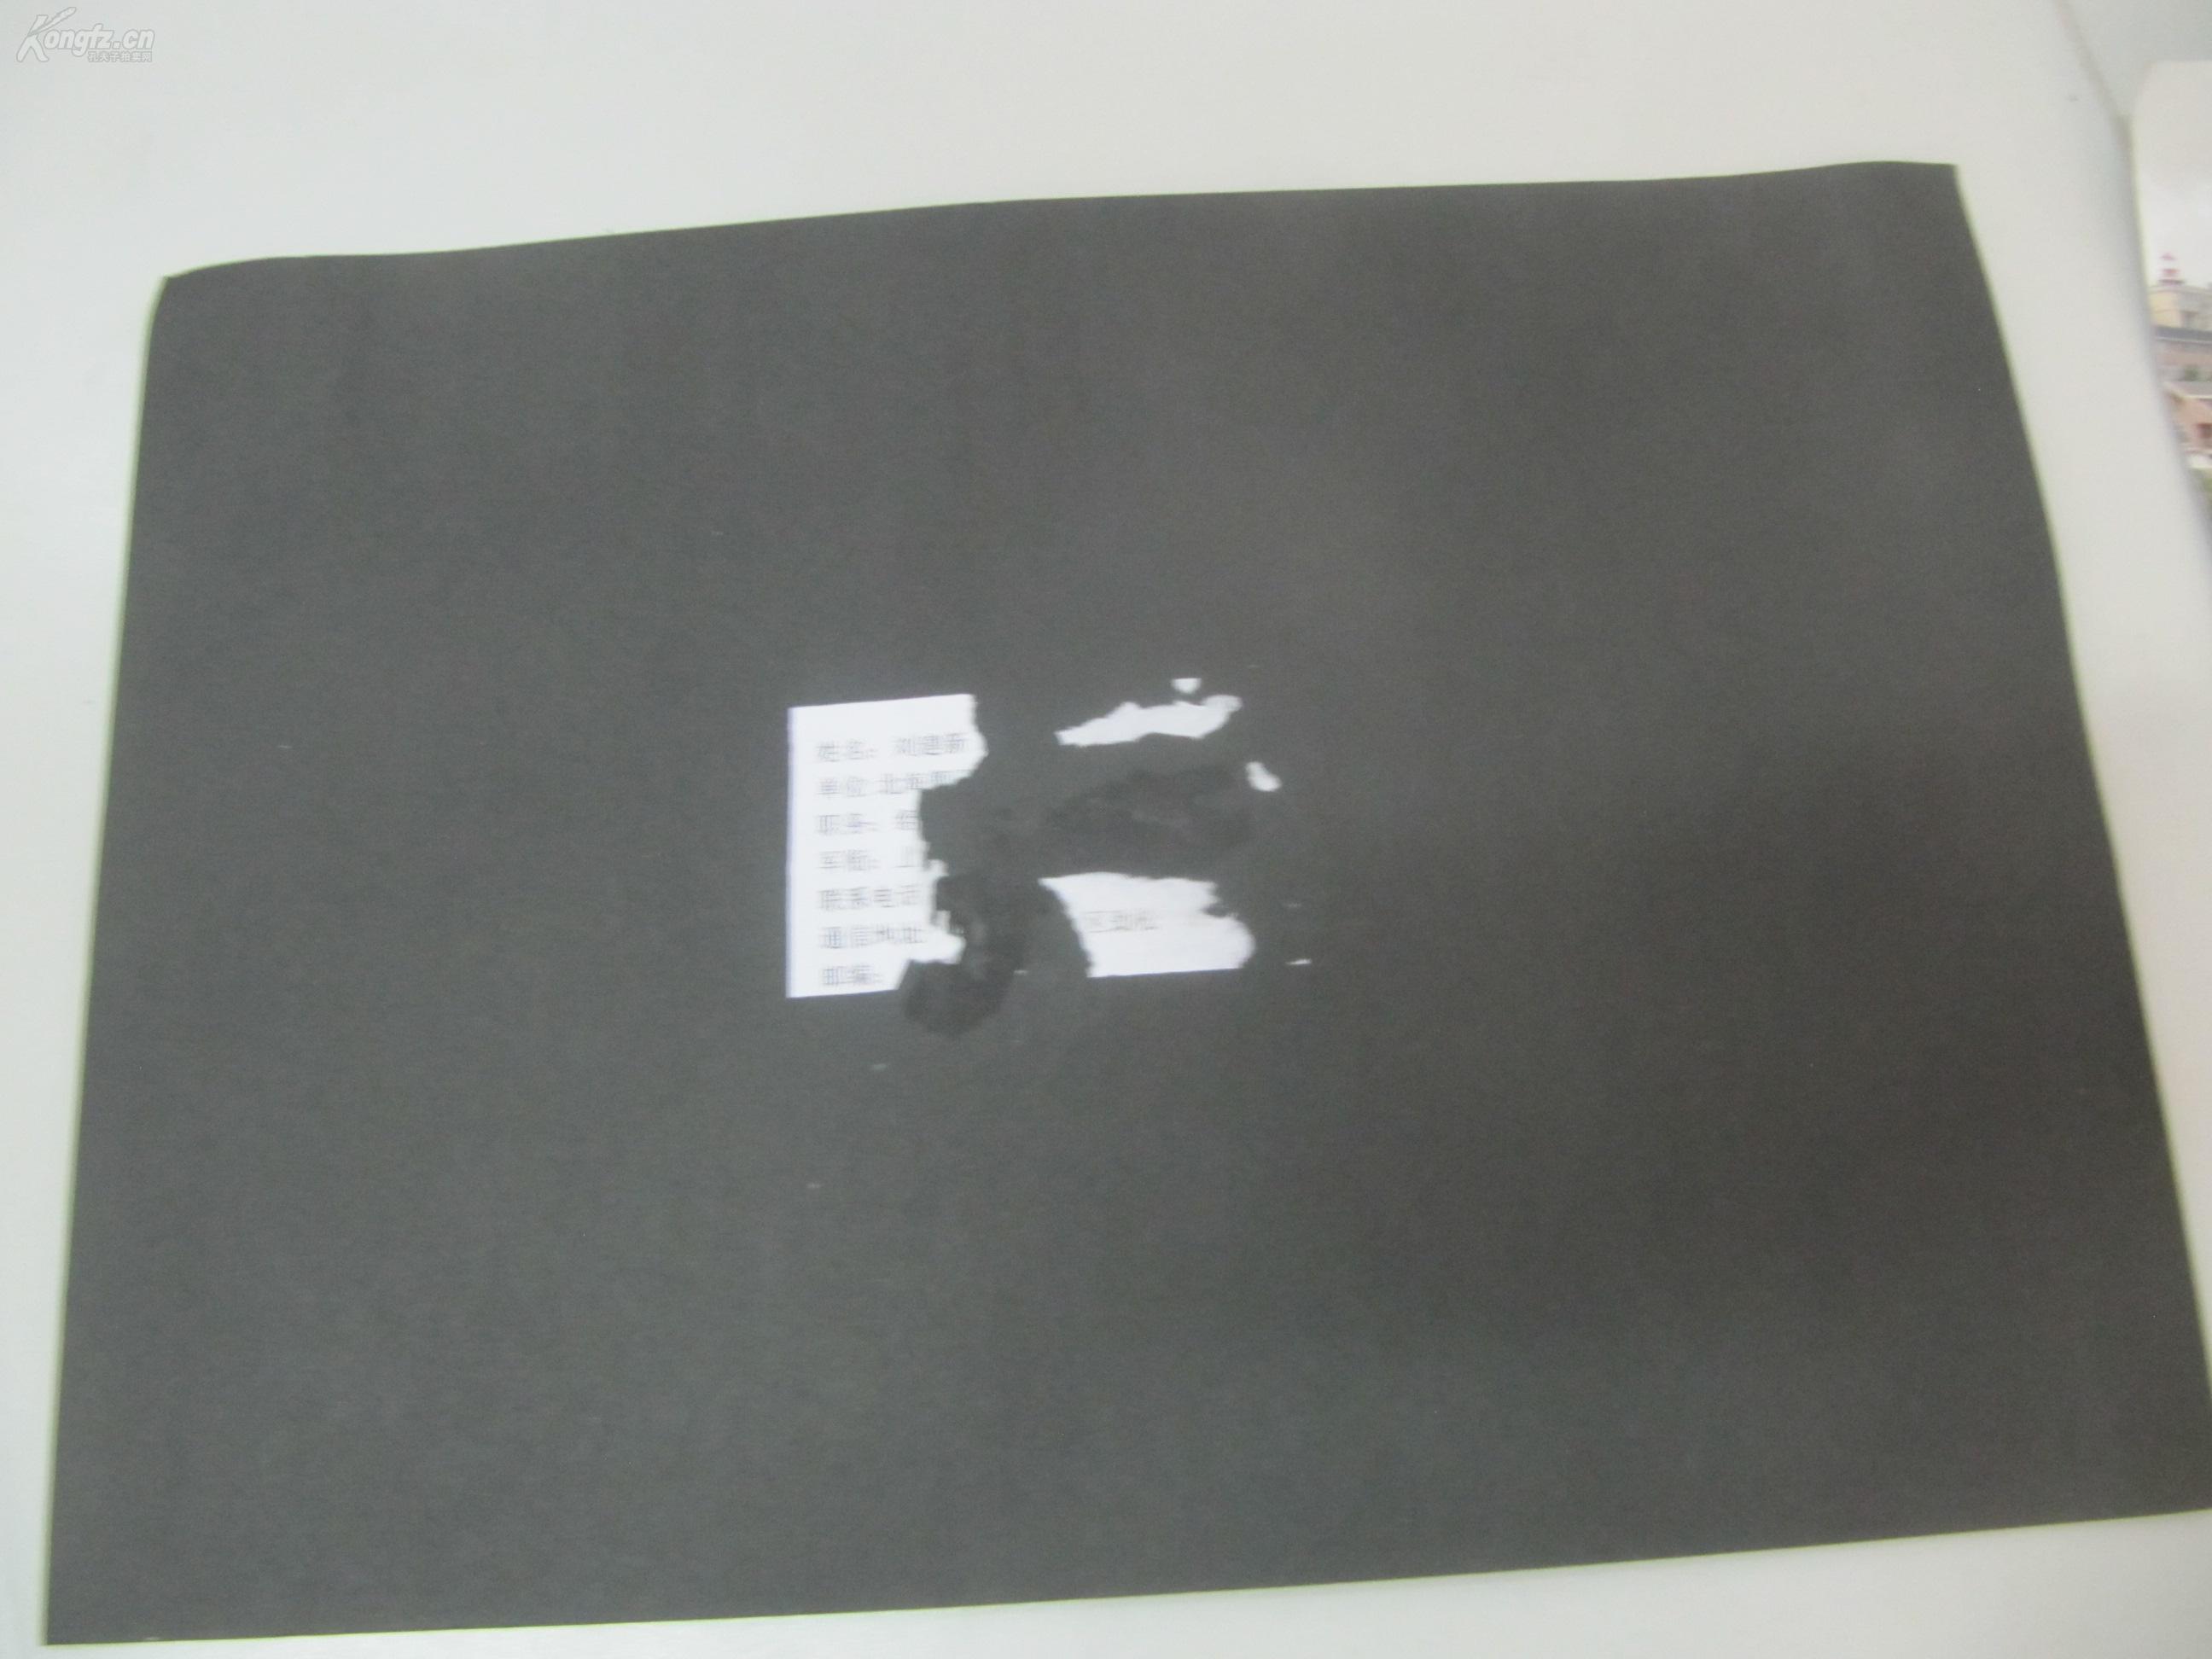 刘建新 军旅摄影照片一张 尺寸25 20厘米